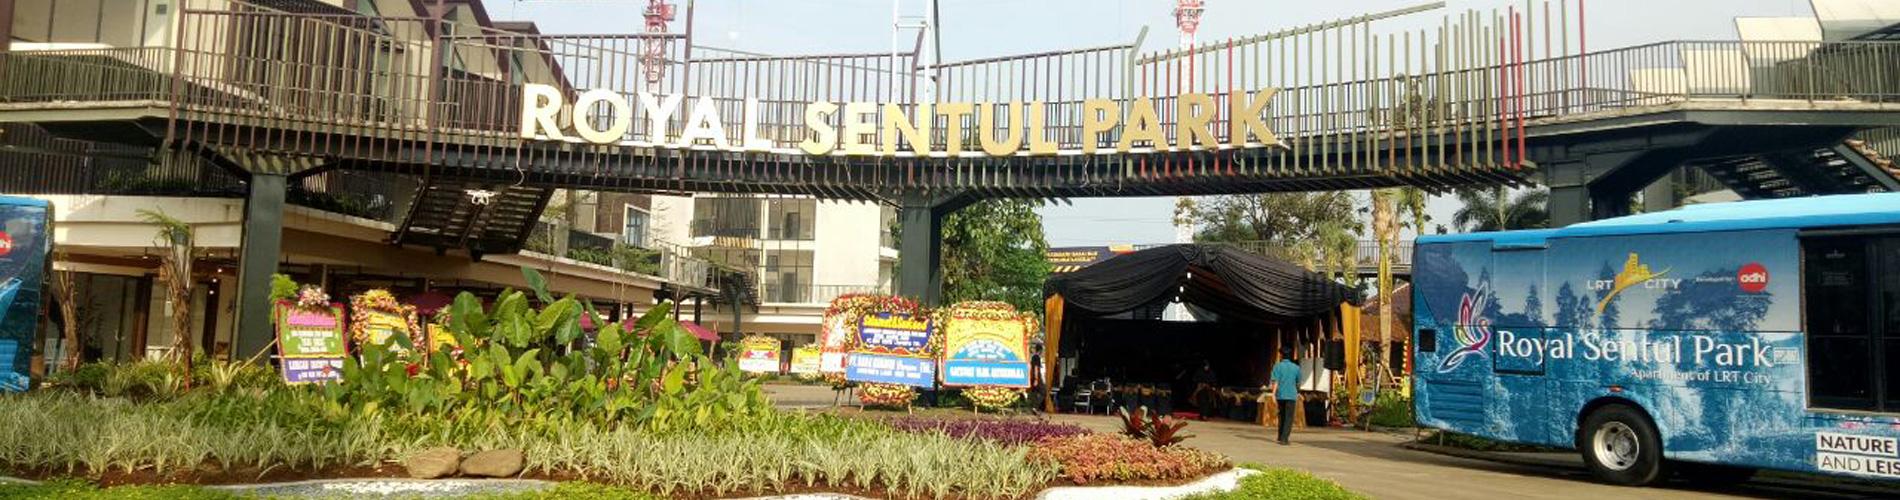 Residensial Royal Sentul Park - LRT City di Bogor